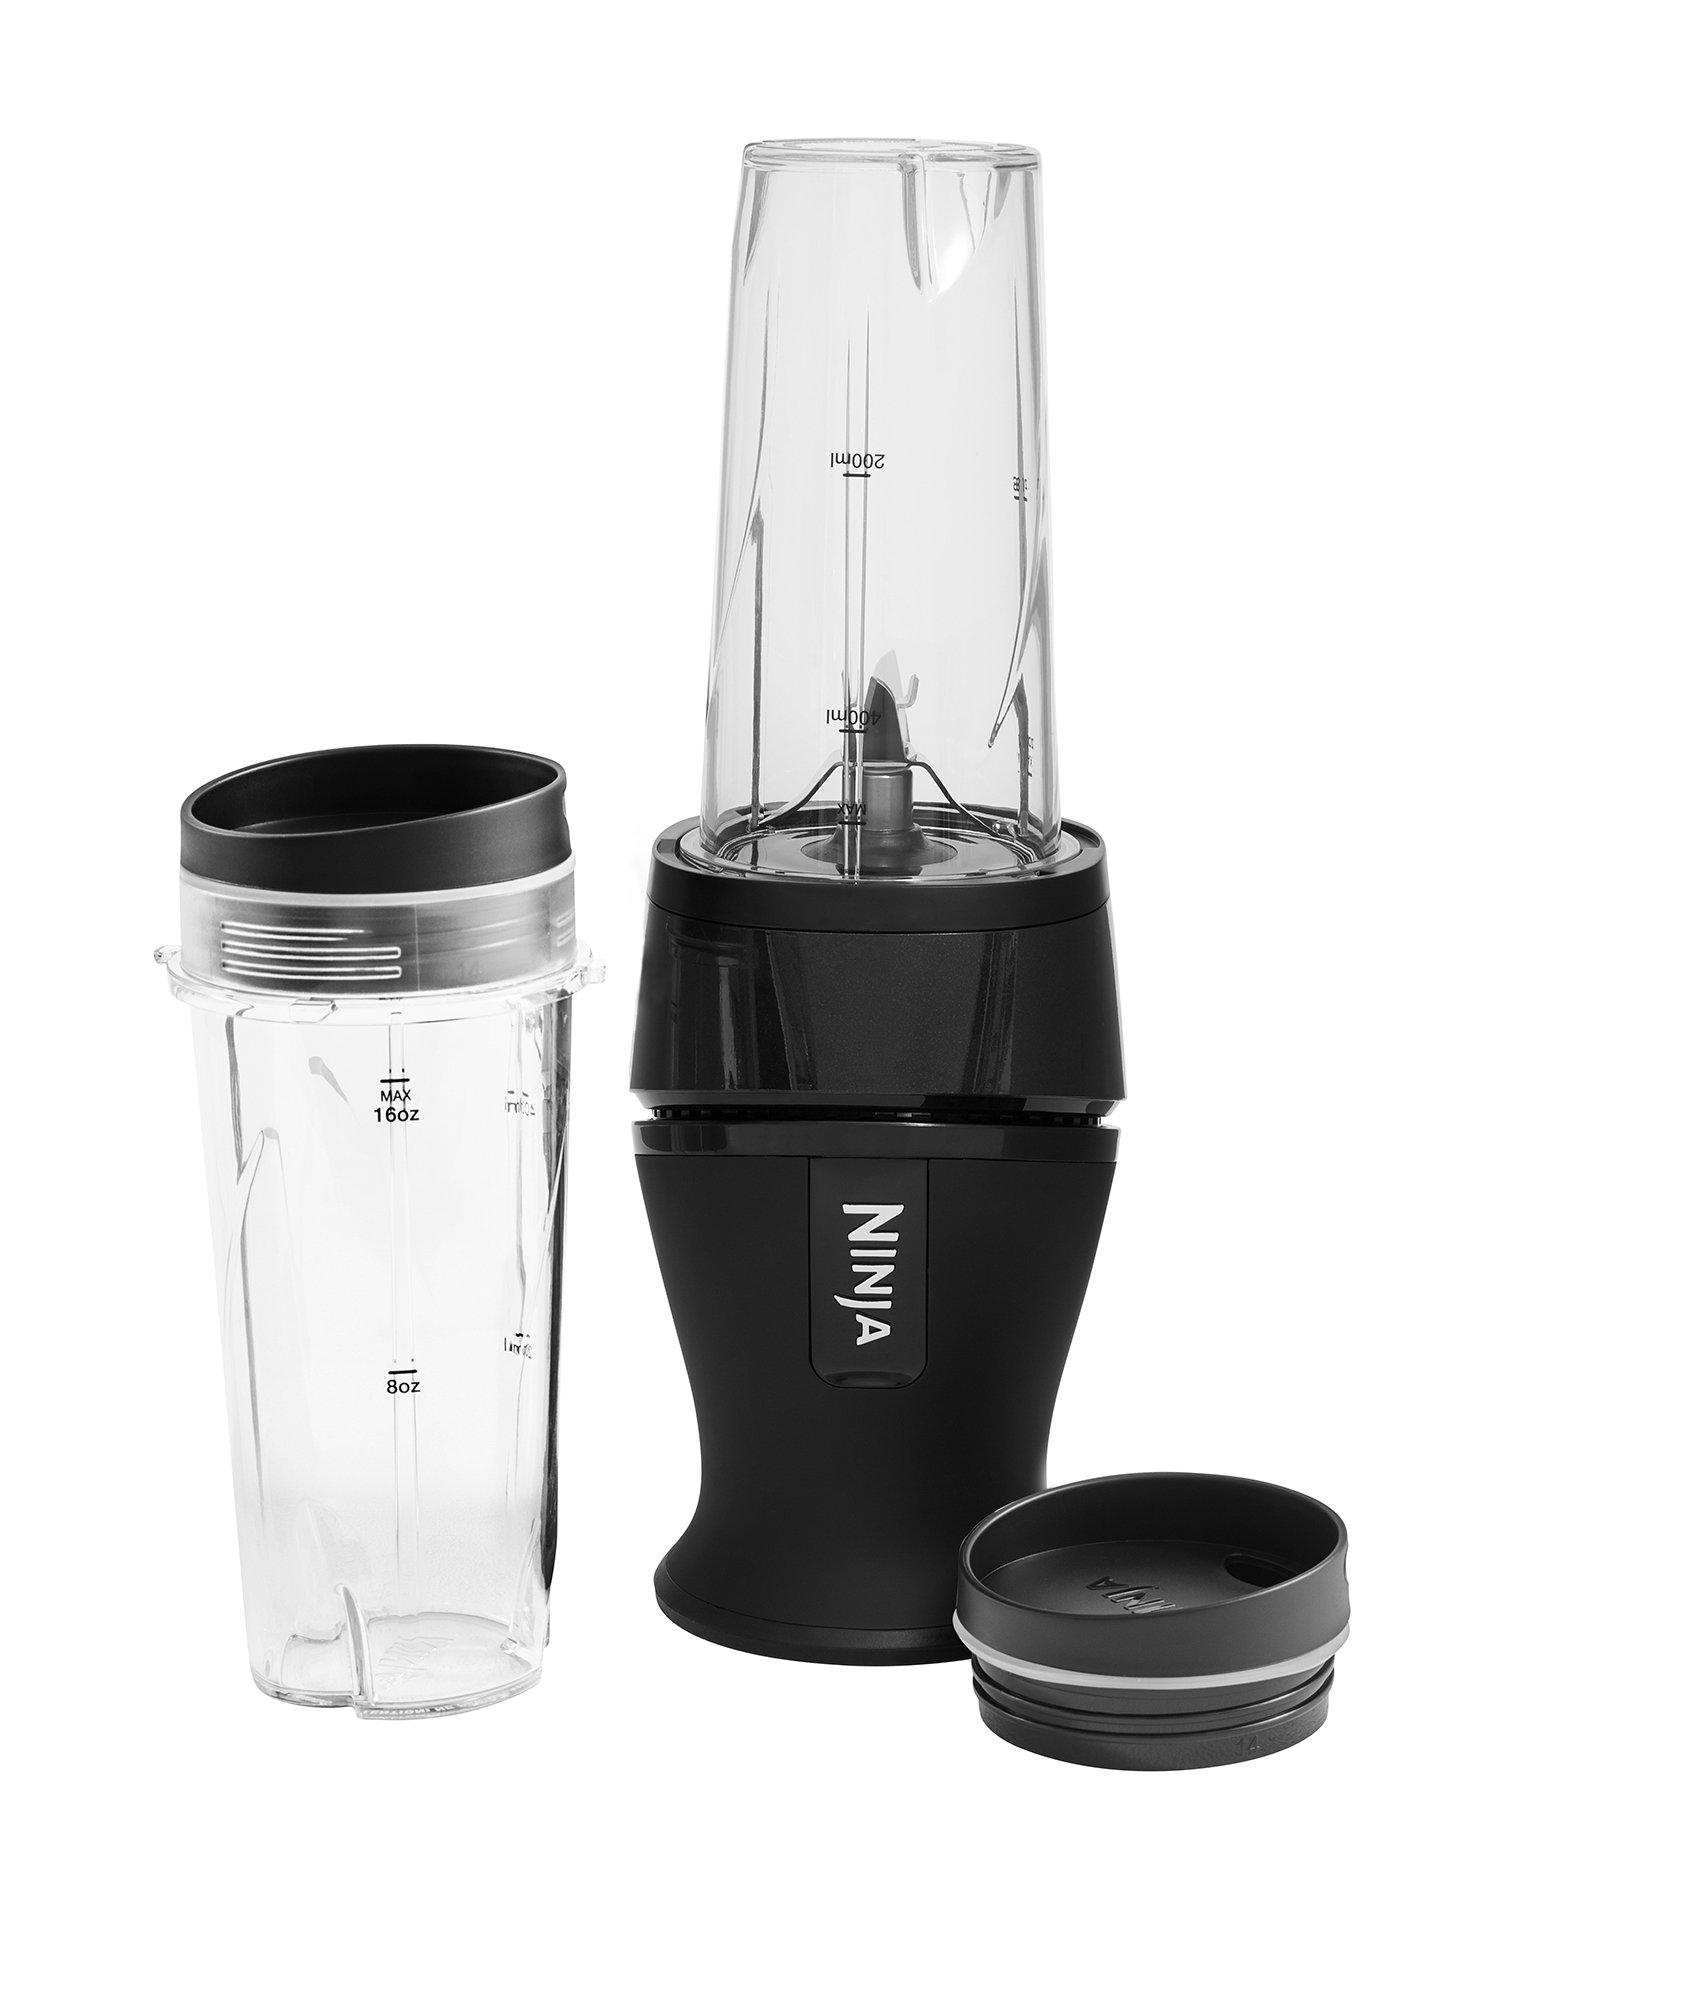 Ninja-QB3001EUMK-Mini-Standmixer-Plastic-Black